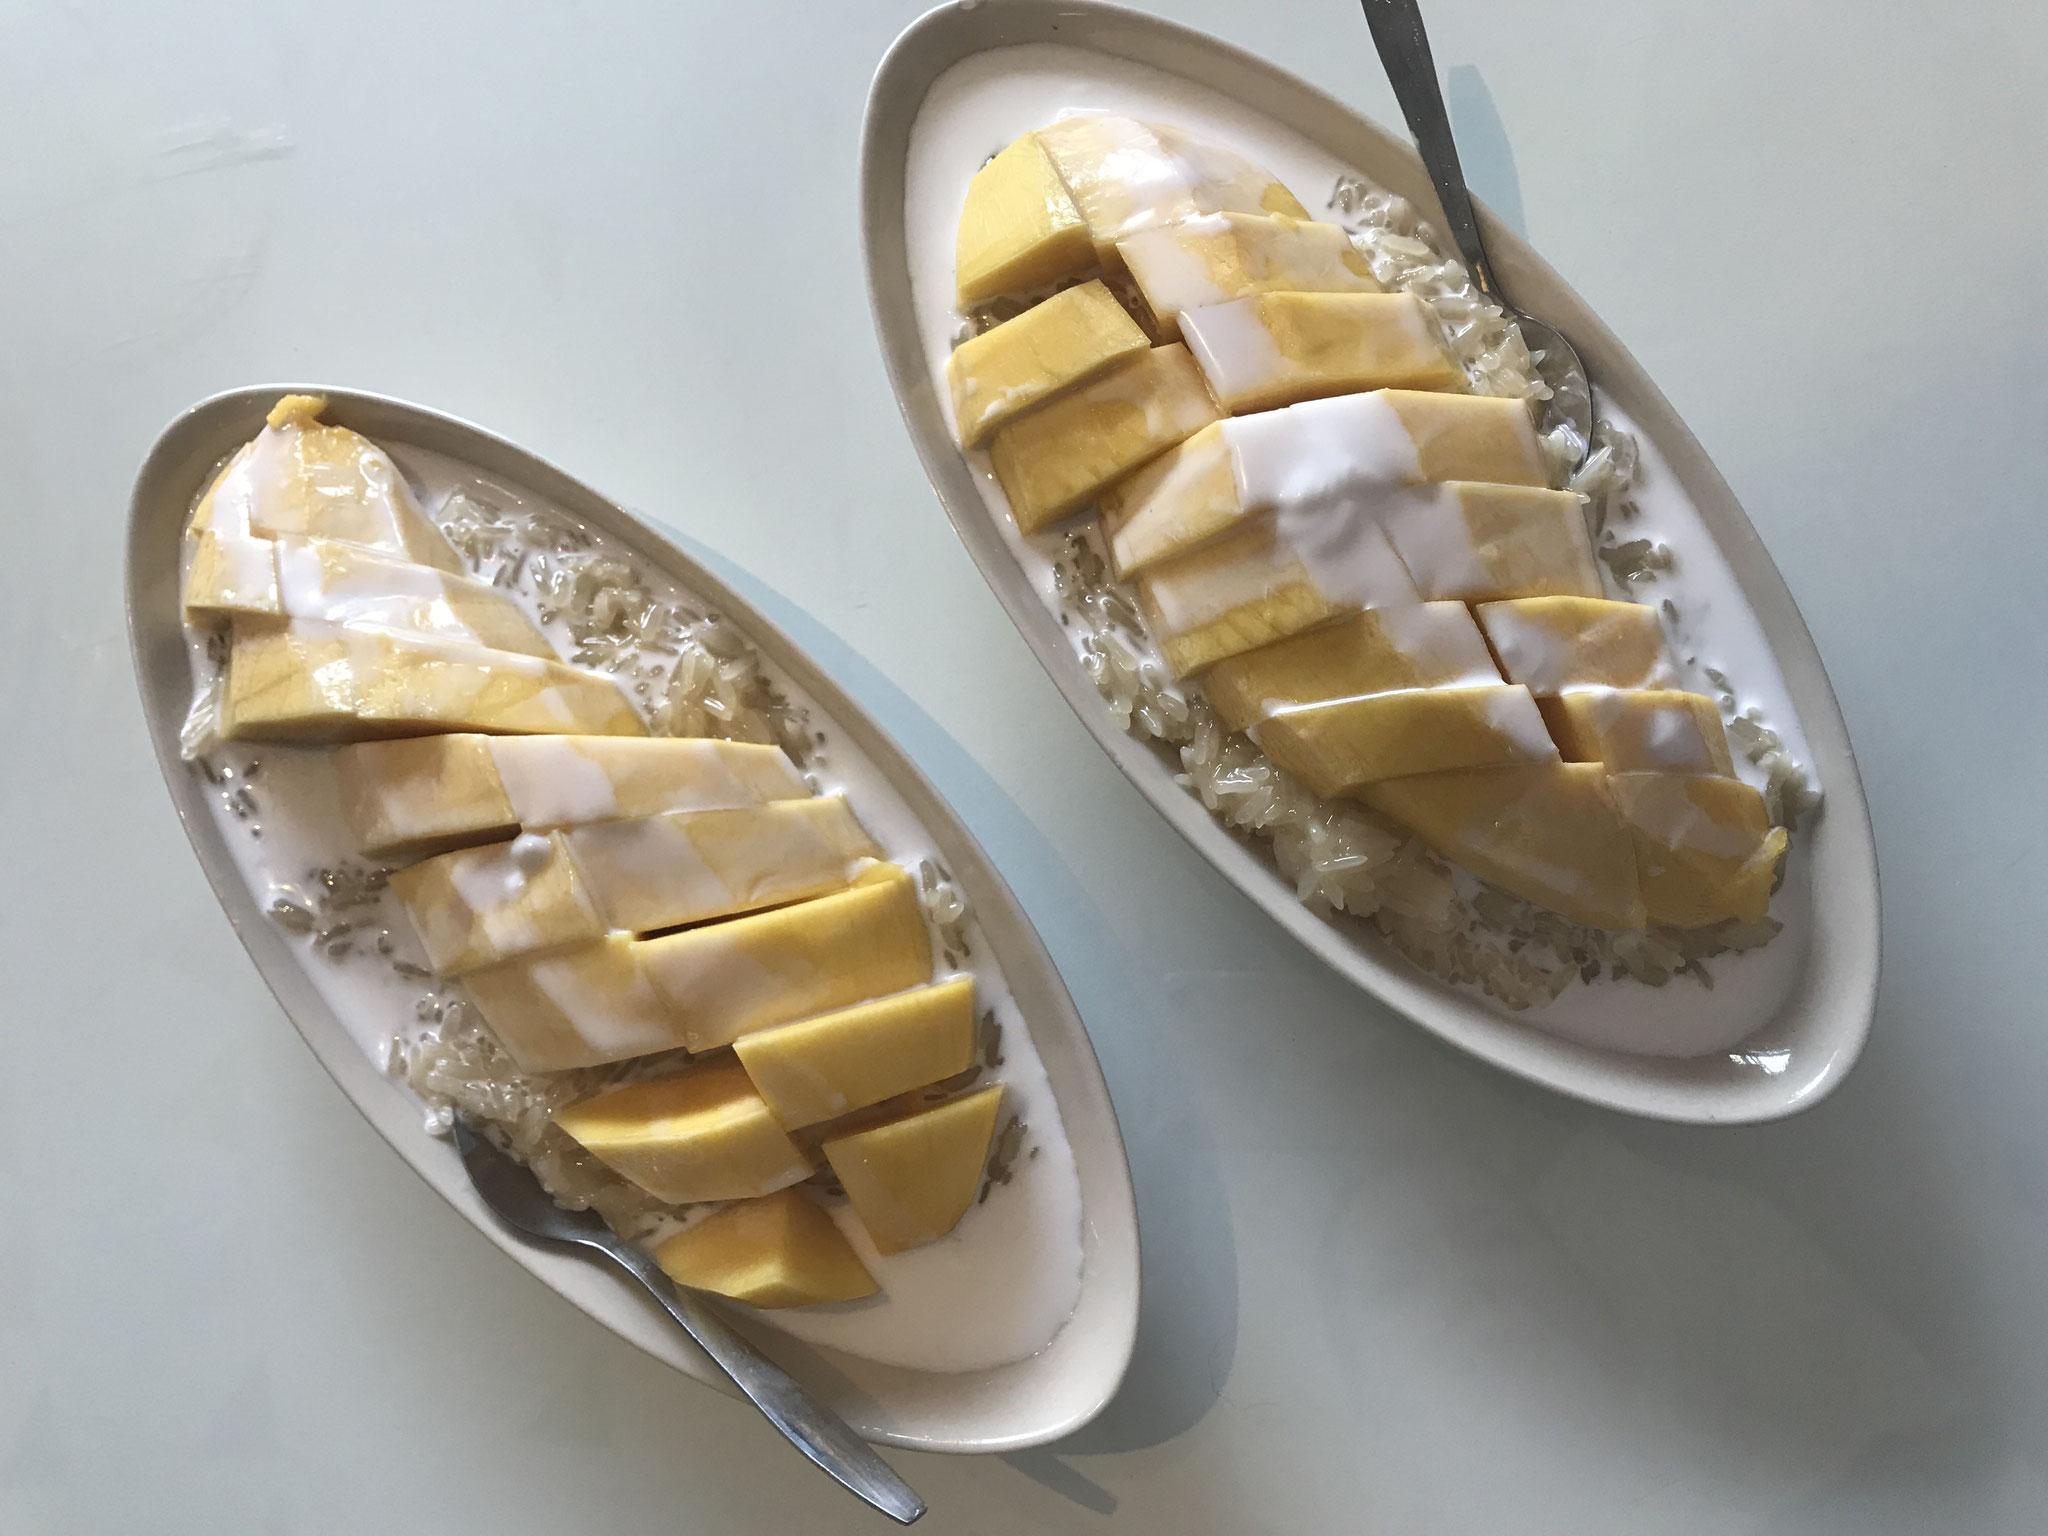 Sticky rice with Mango (Klebreis mit Mango)